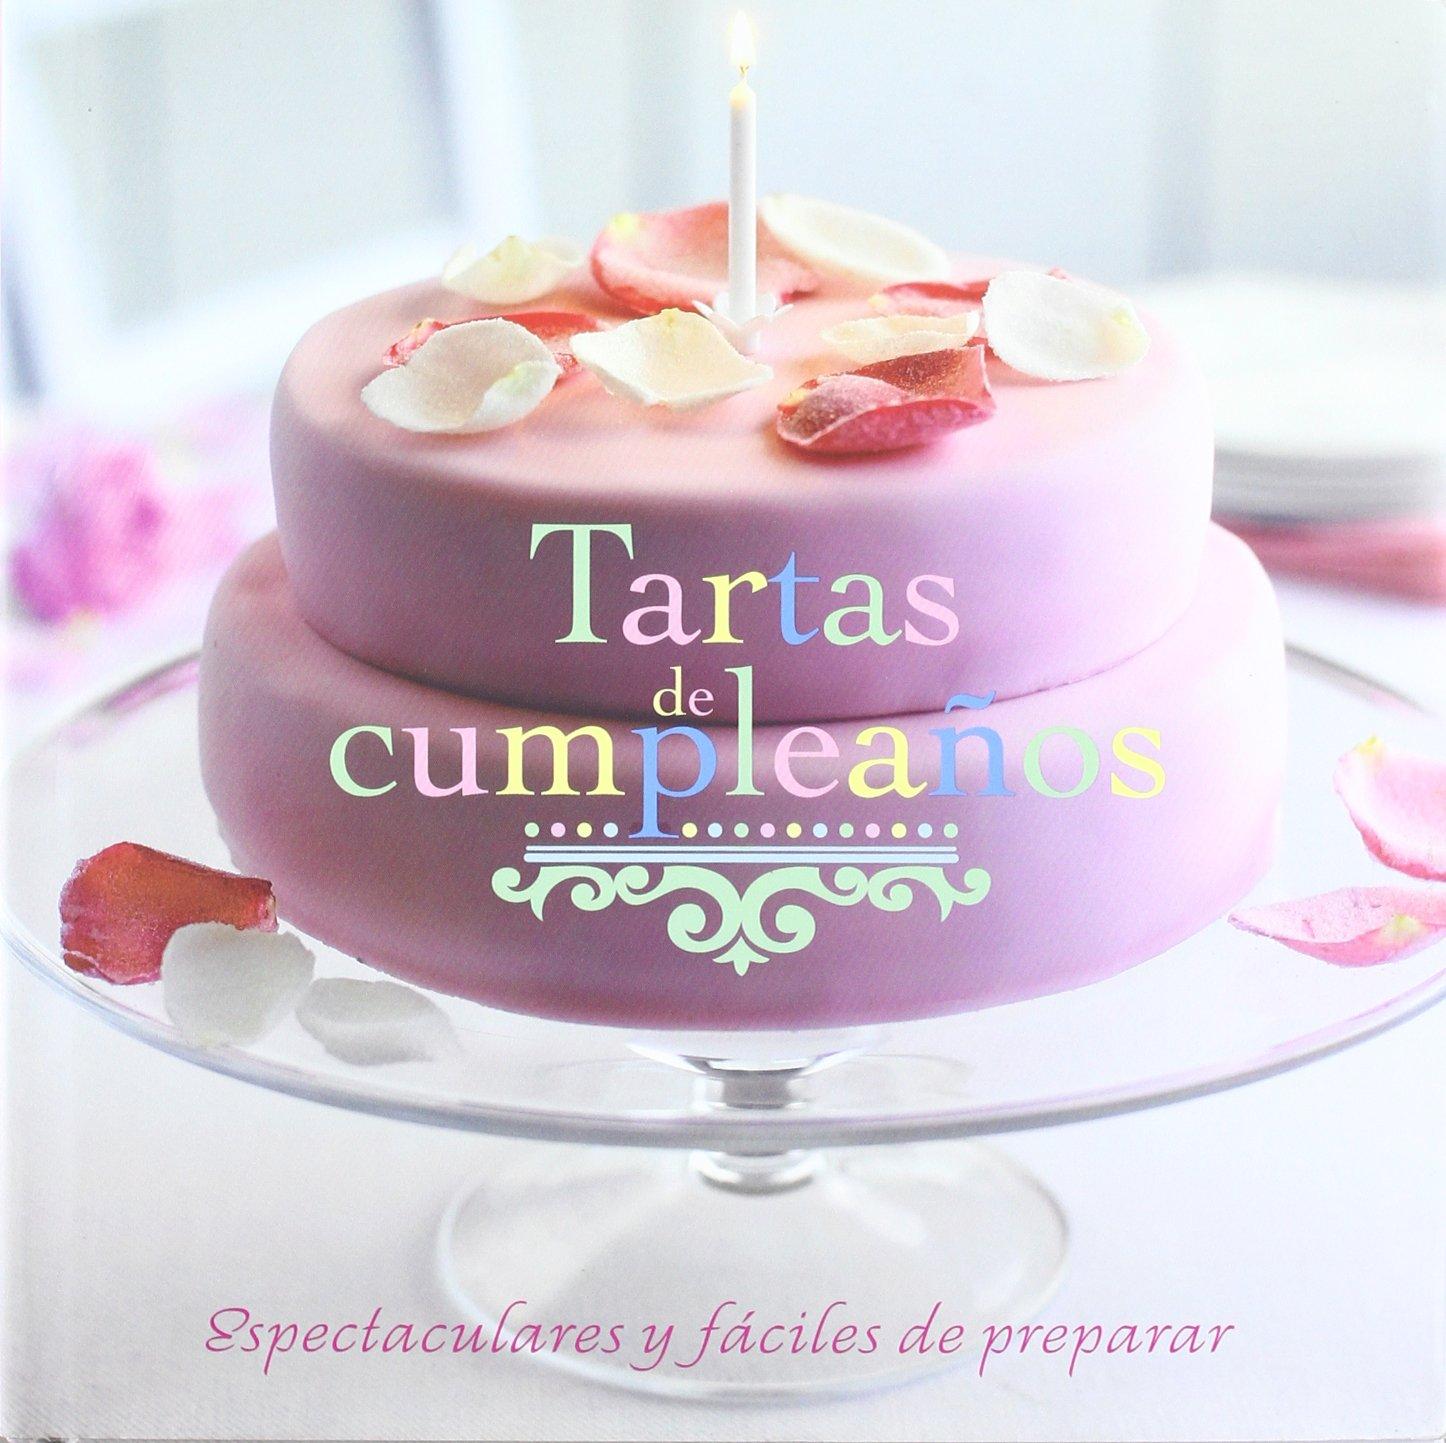 Tartas de Cumpleaños: 9781407577753: Amazon.com: Books